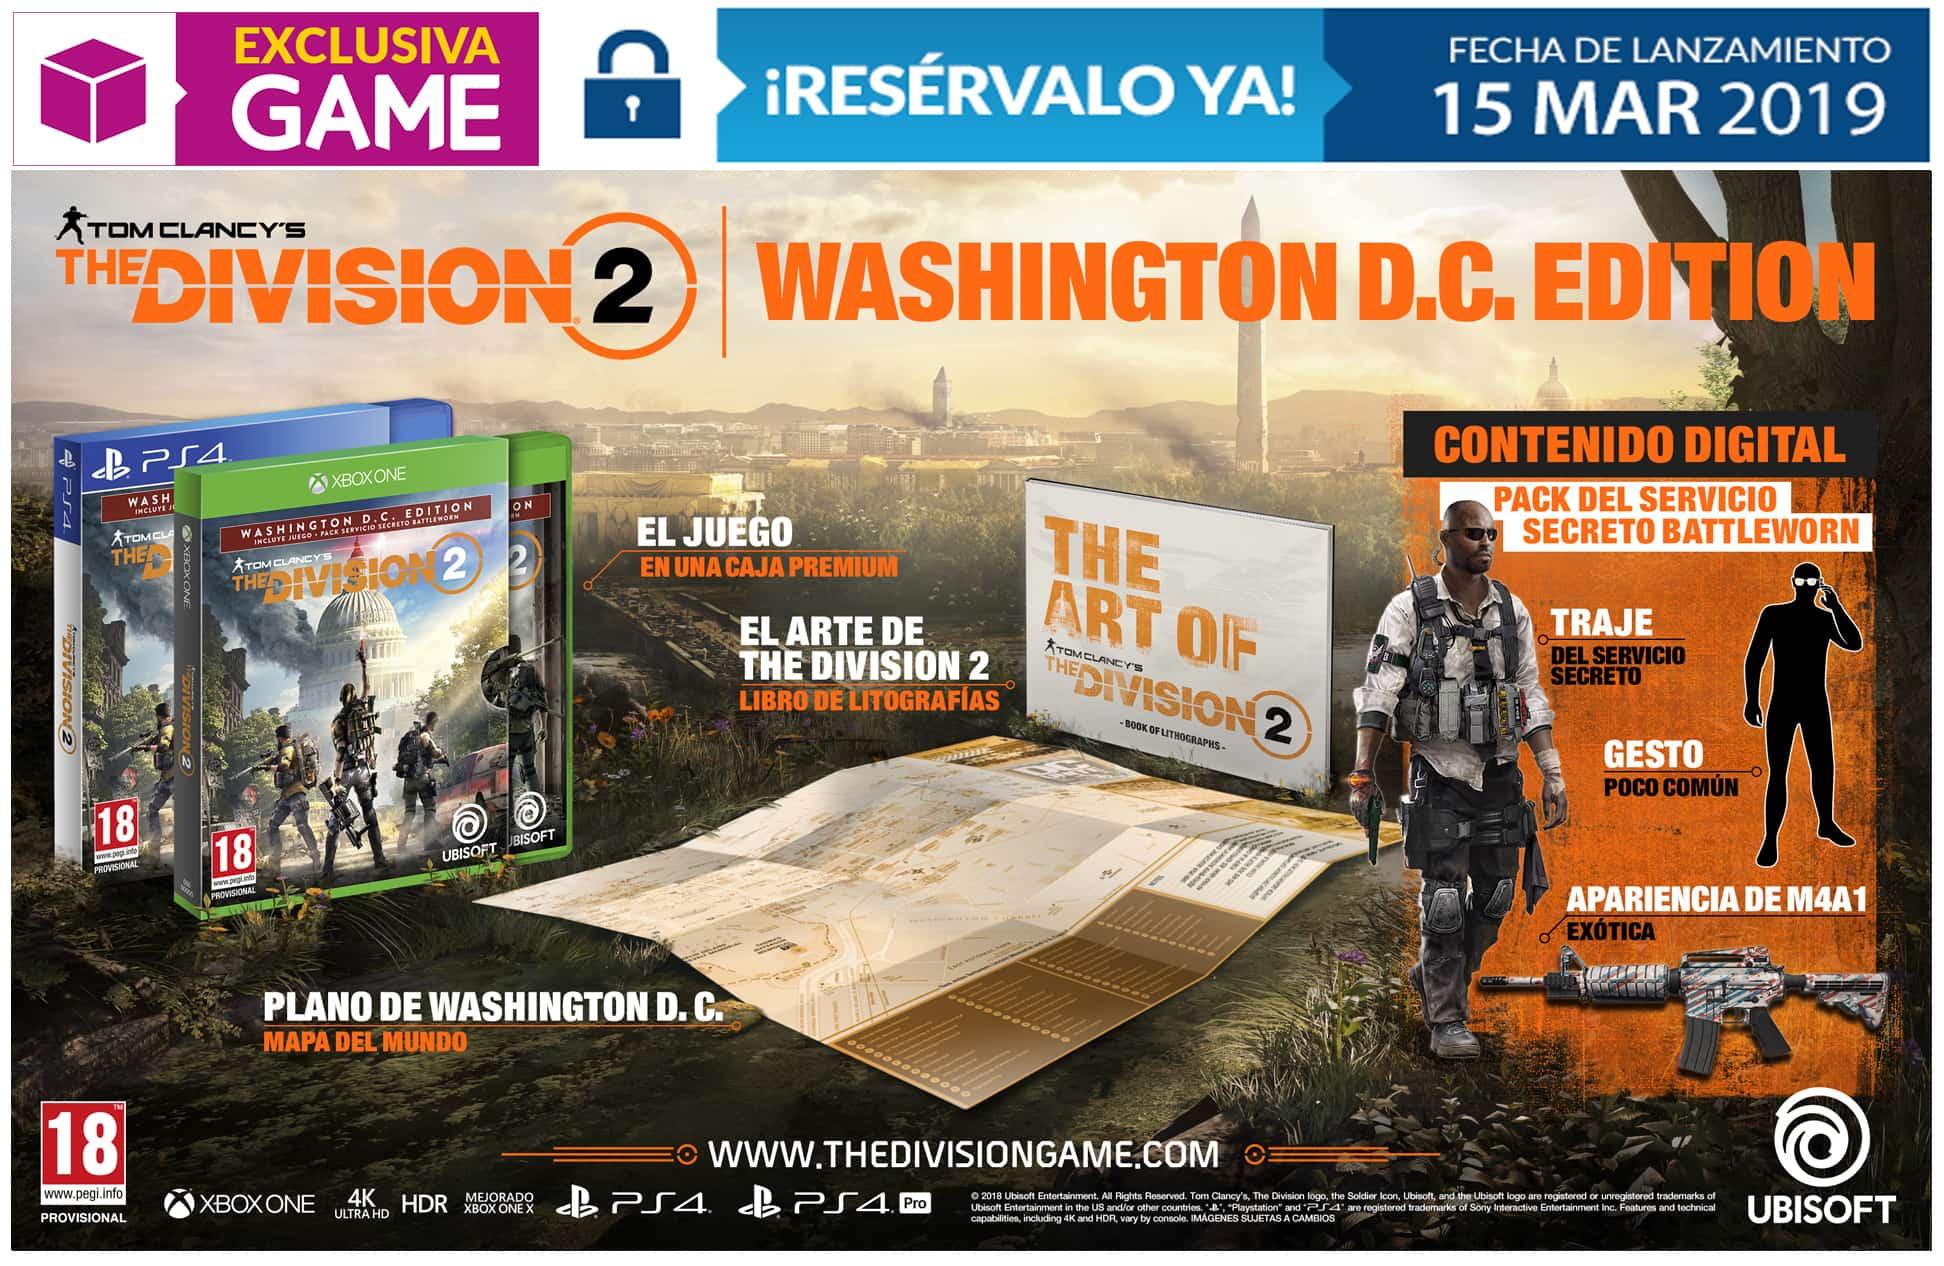 The Division 2 Ediciones GAME